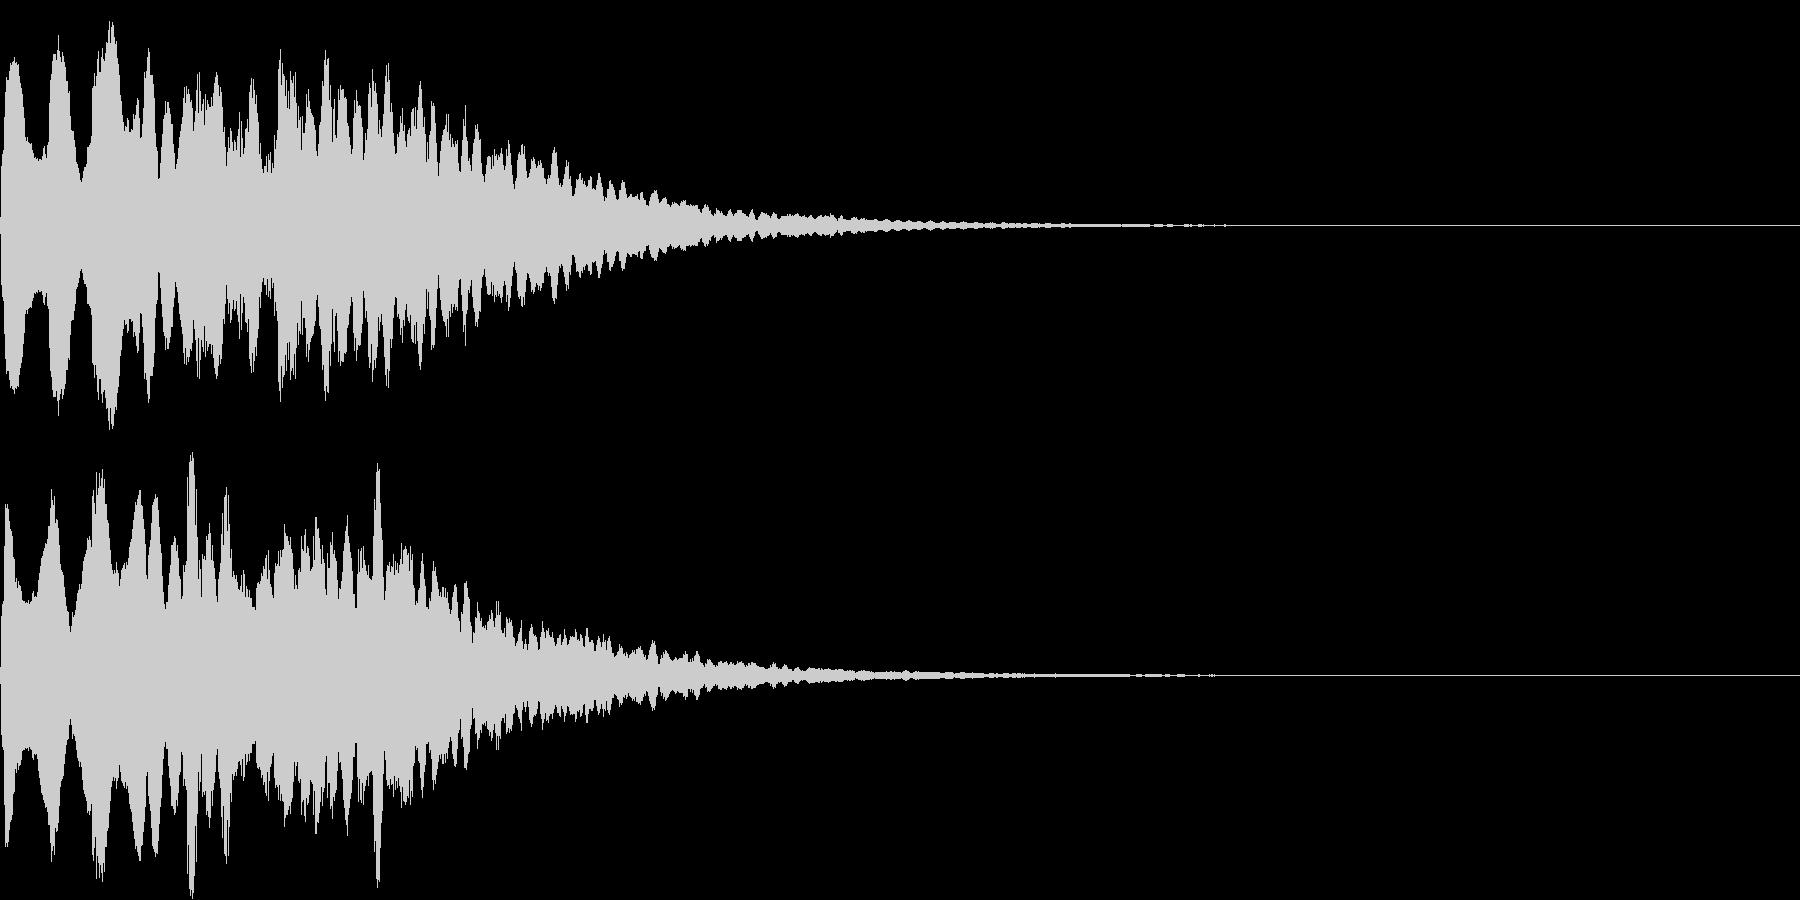 着信音1 スワイプ お知らせ キラキラの未再生の波形